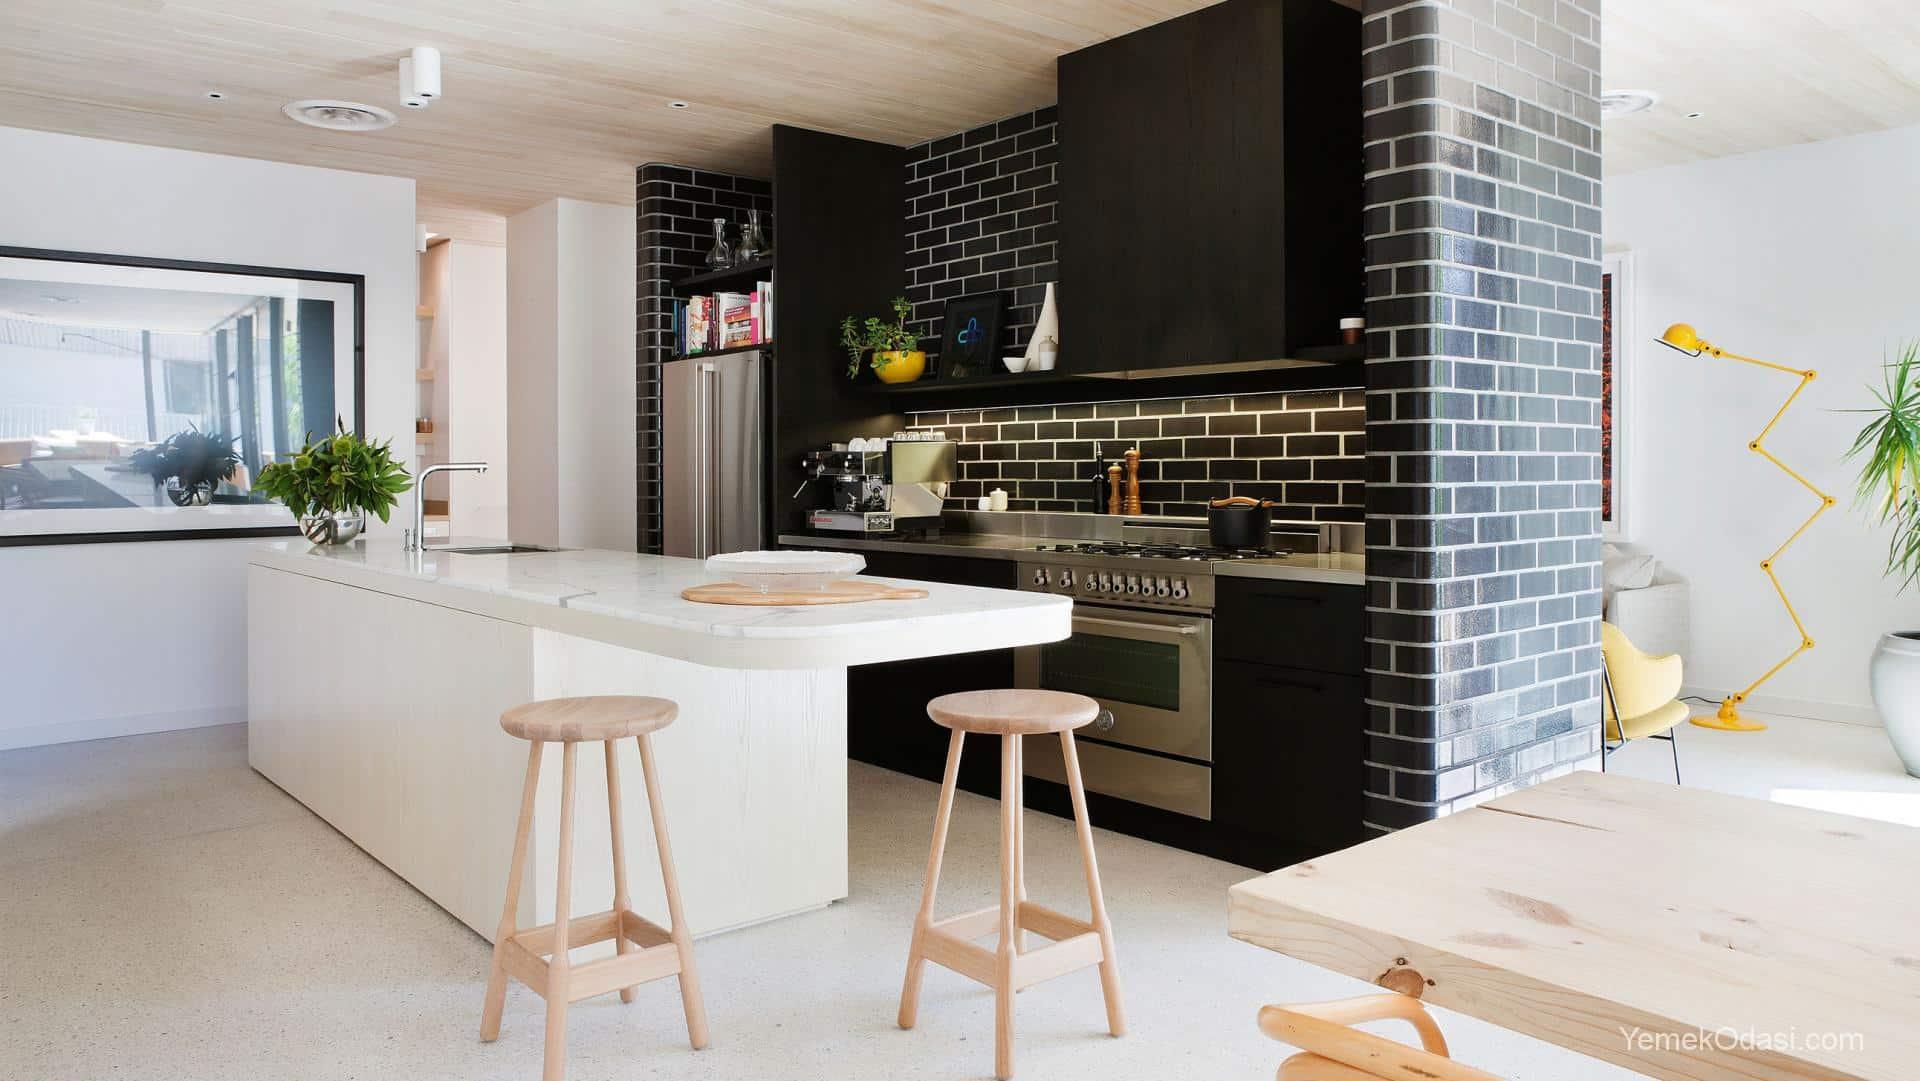 Modern mutfak dekorasyon rnekleri 2017 yemek odas ve - Contemporary kitchen designs 2017 ...